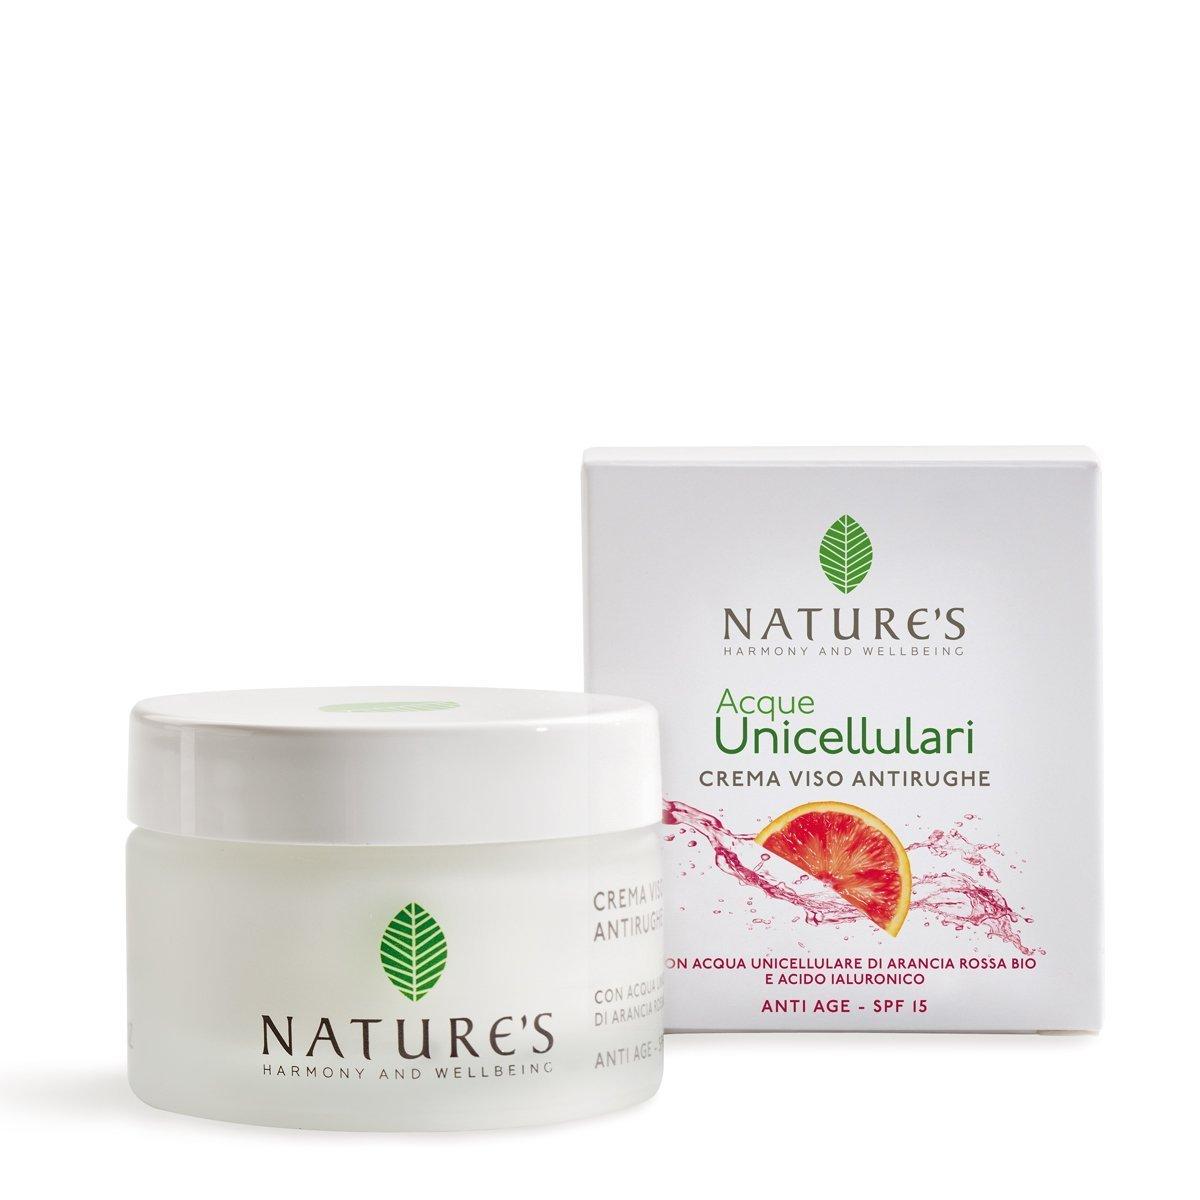 Crema Viso Antirughe SPF 15 Acque Unicellulari 50 ml